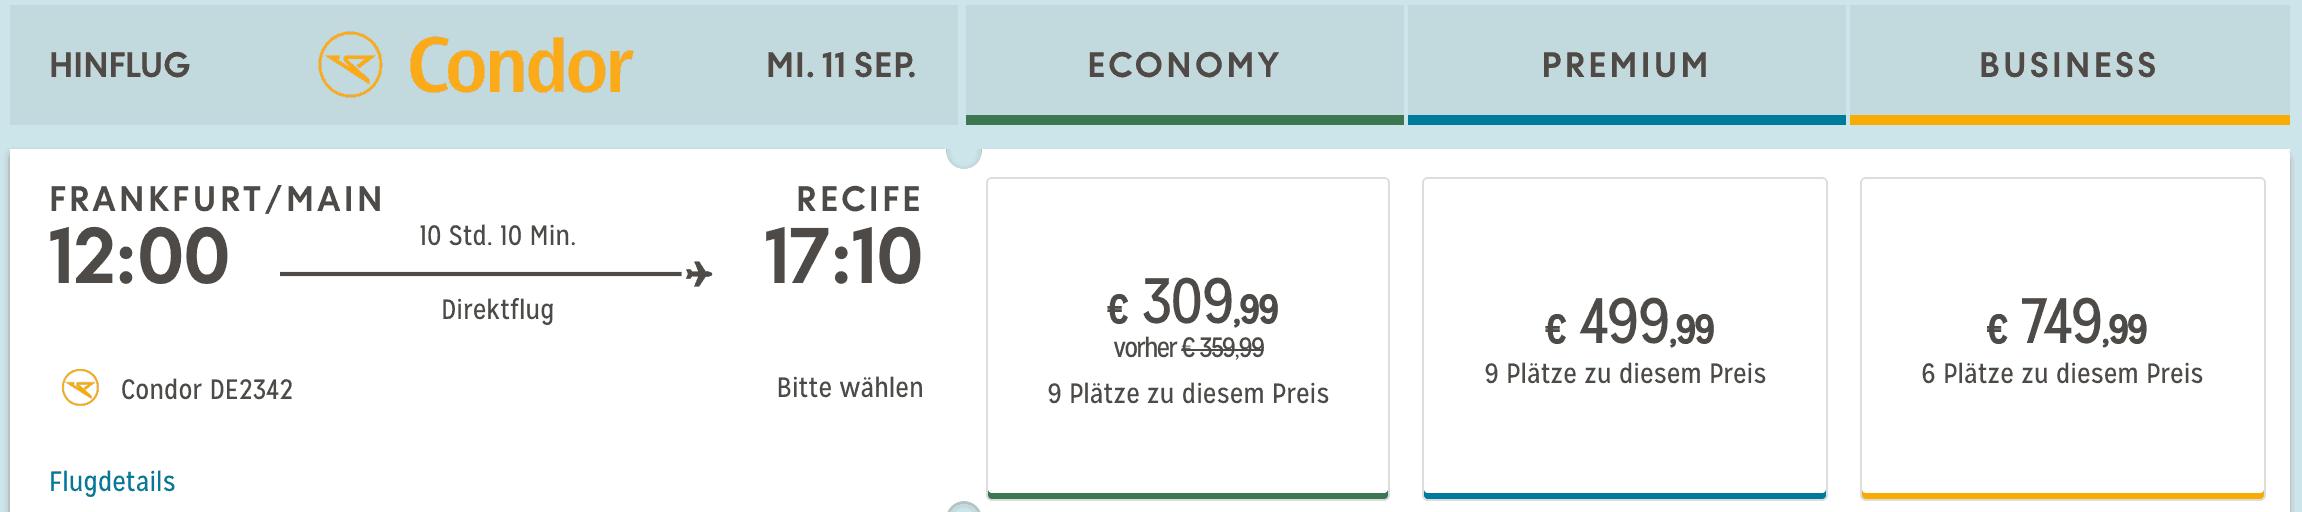 Condor Premium Economy Tarif Langstrecke